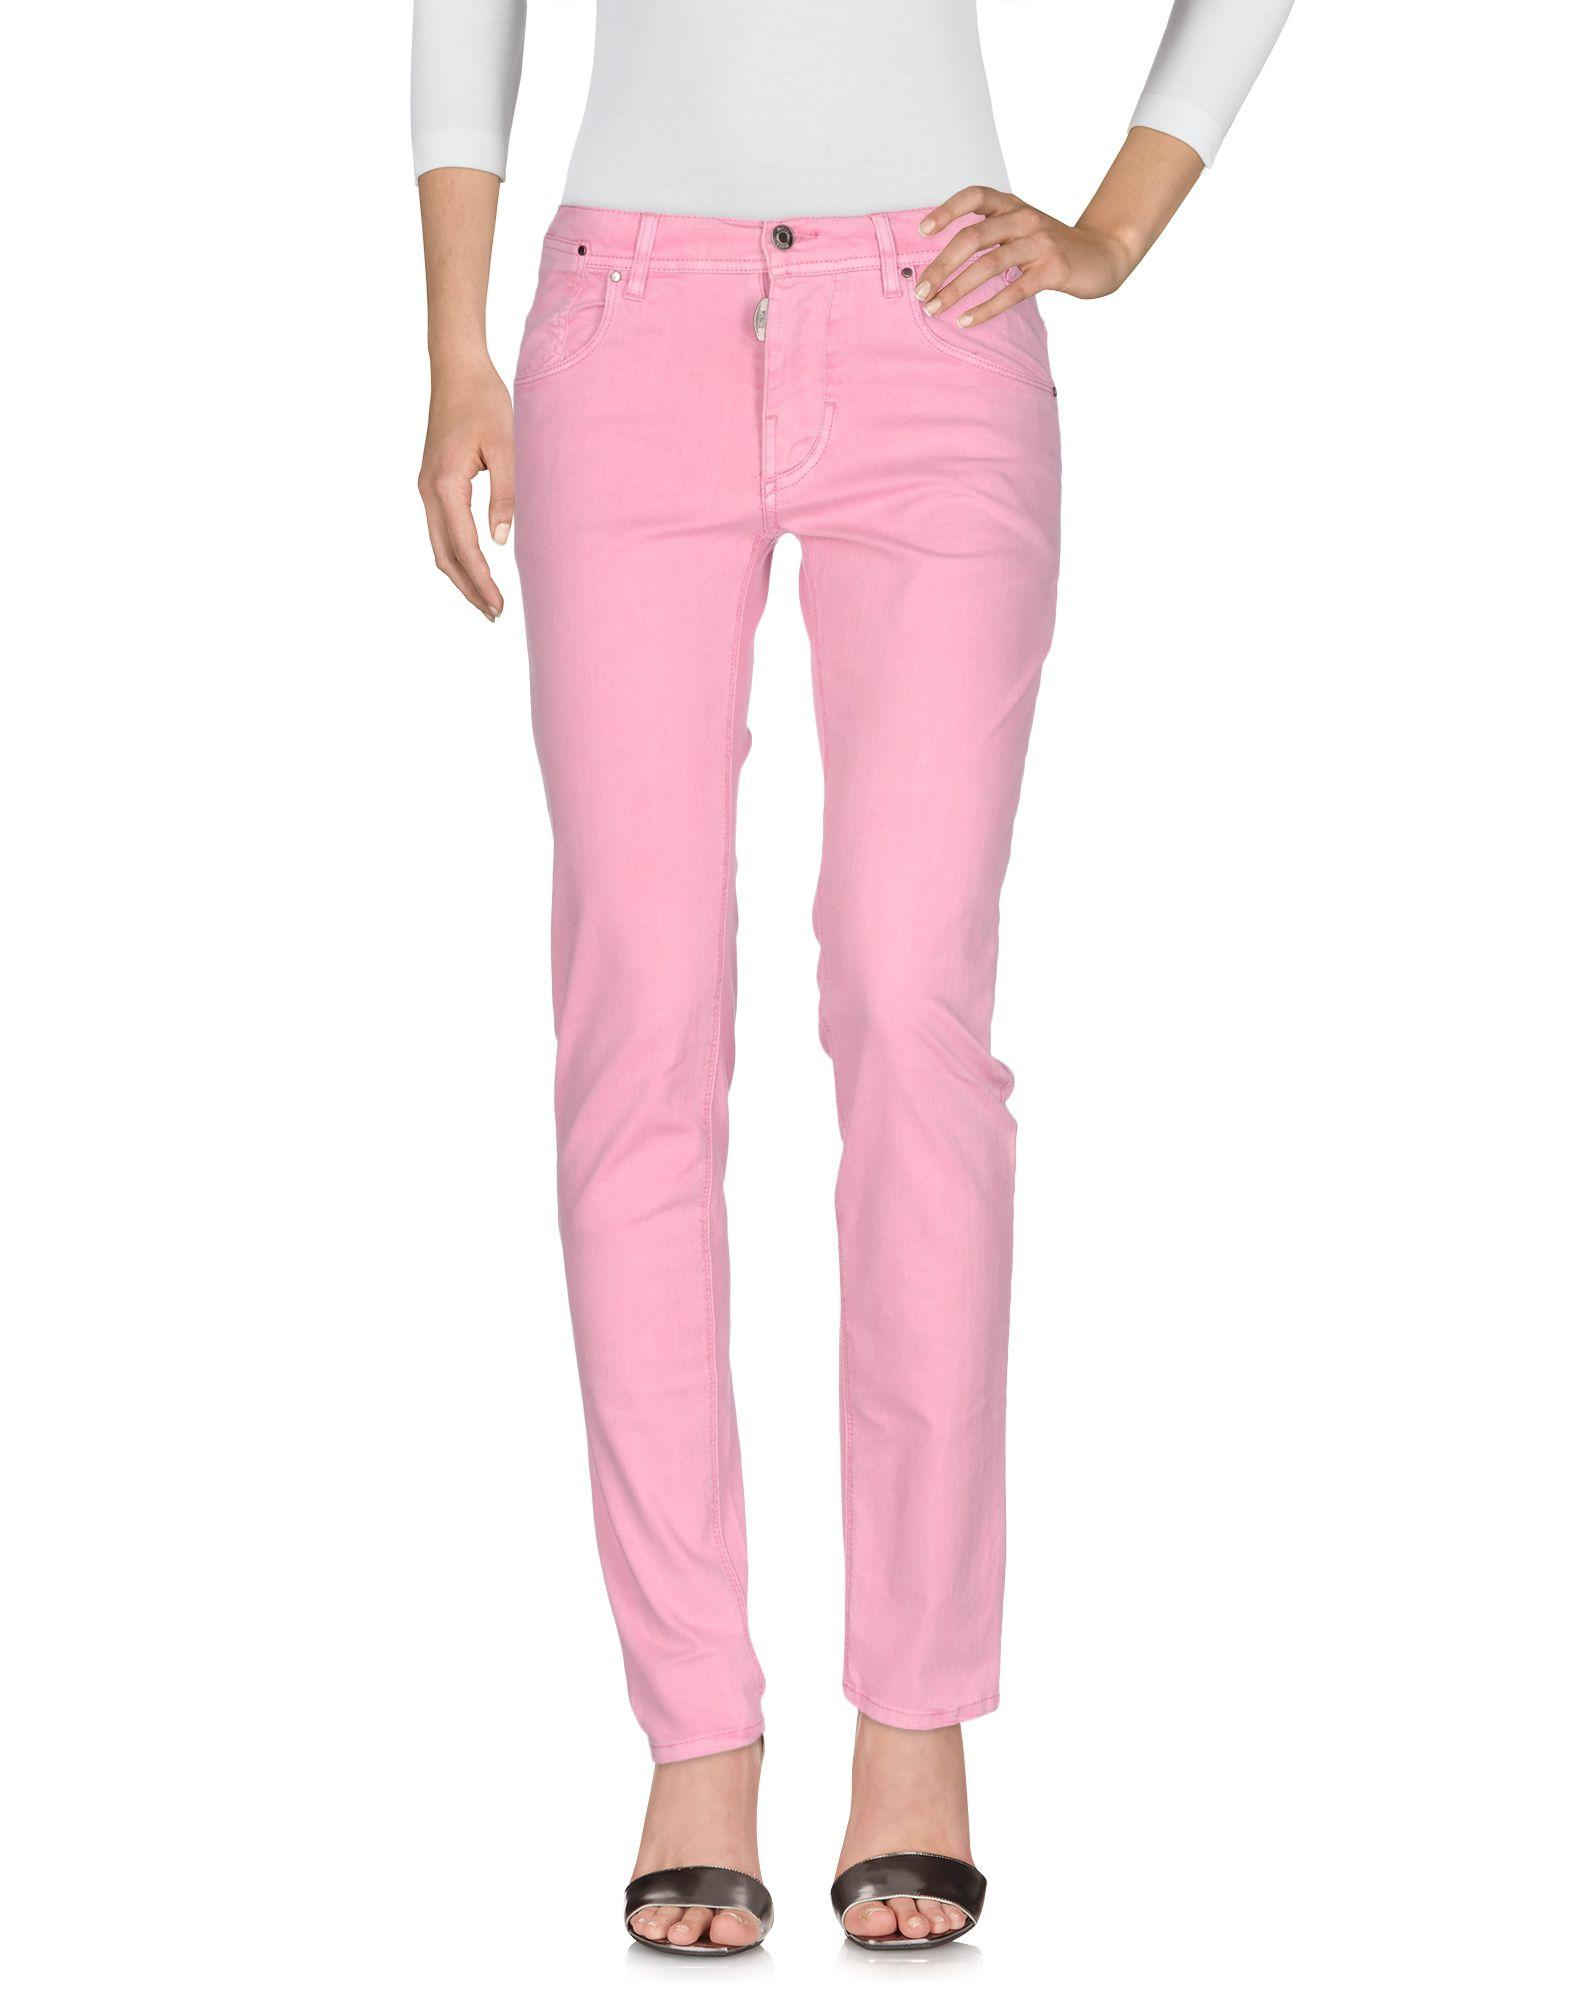 Antony Morato Denim Pants In Pink